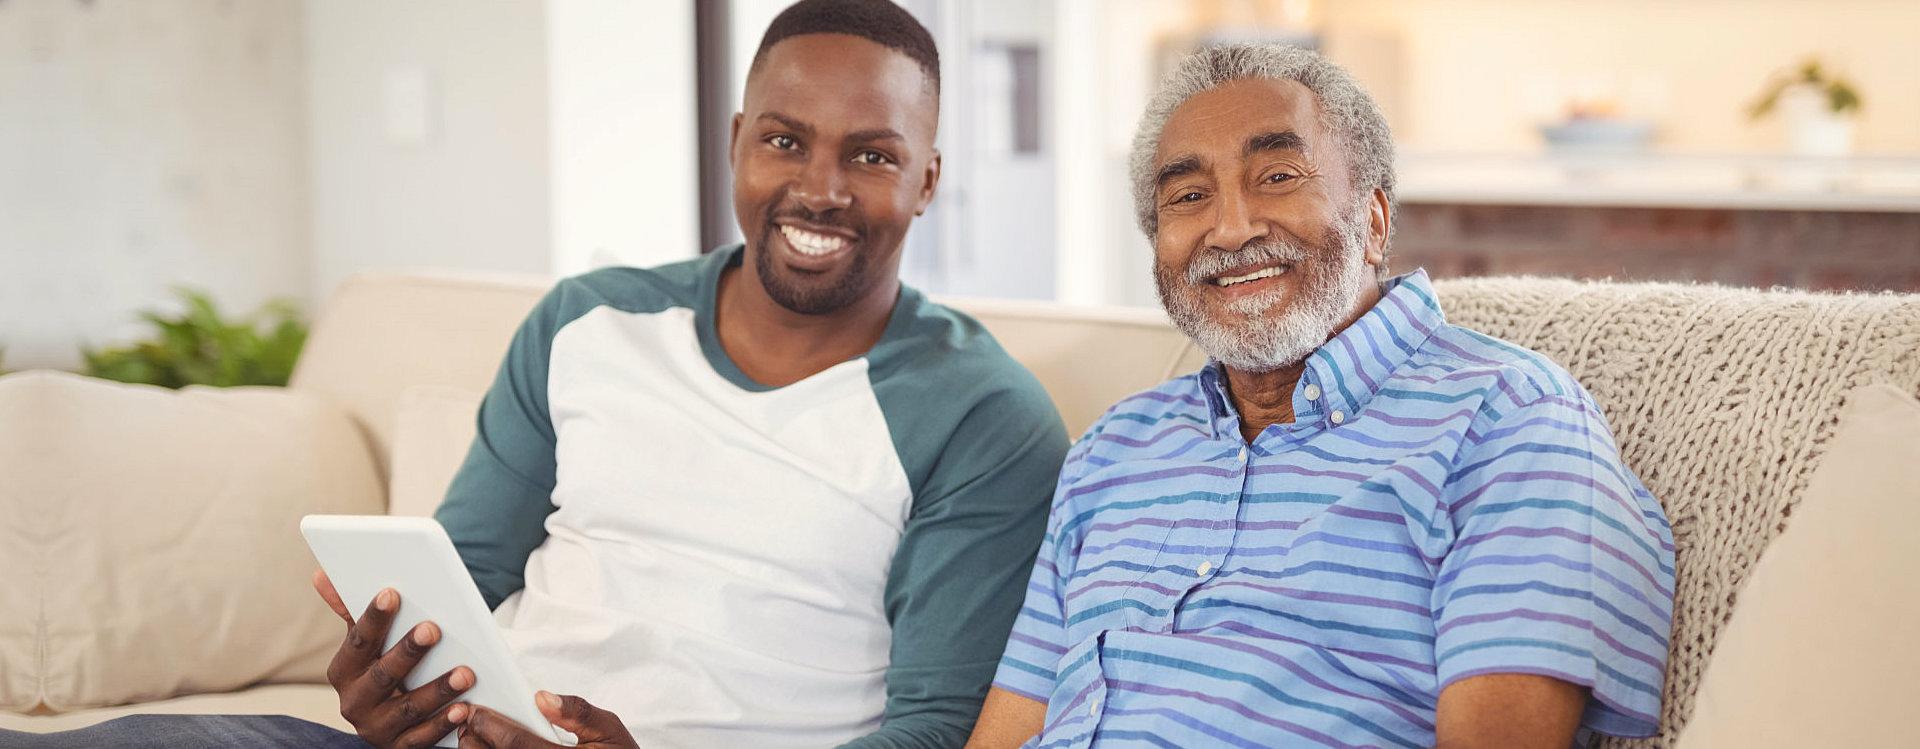 senior and caregiver smiling